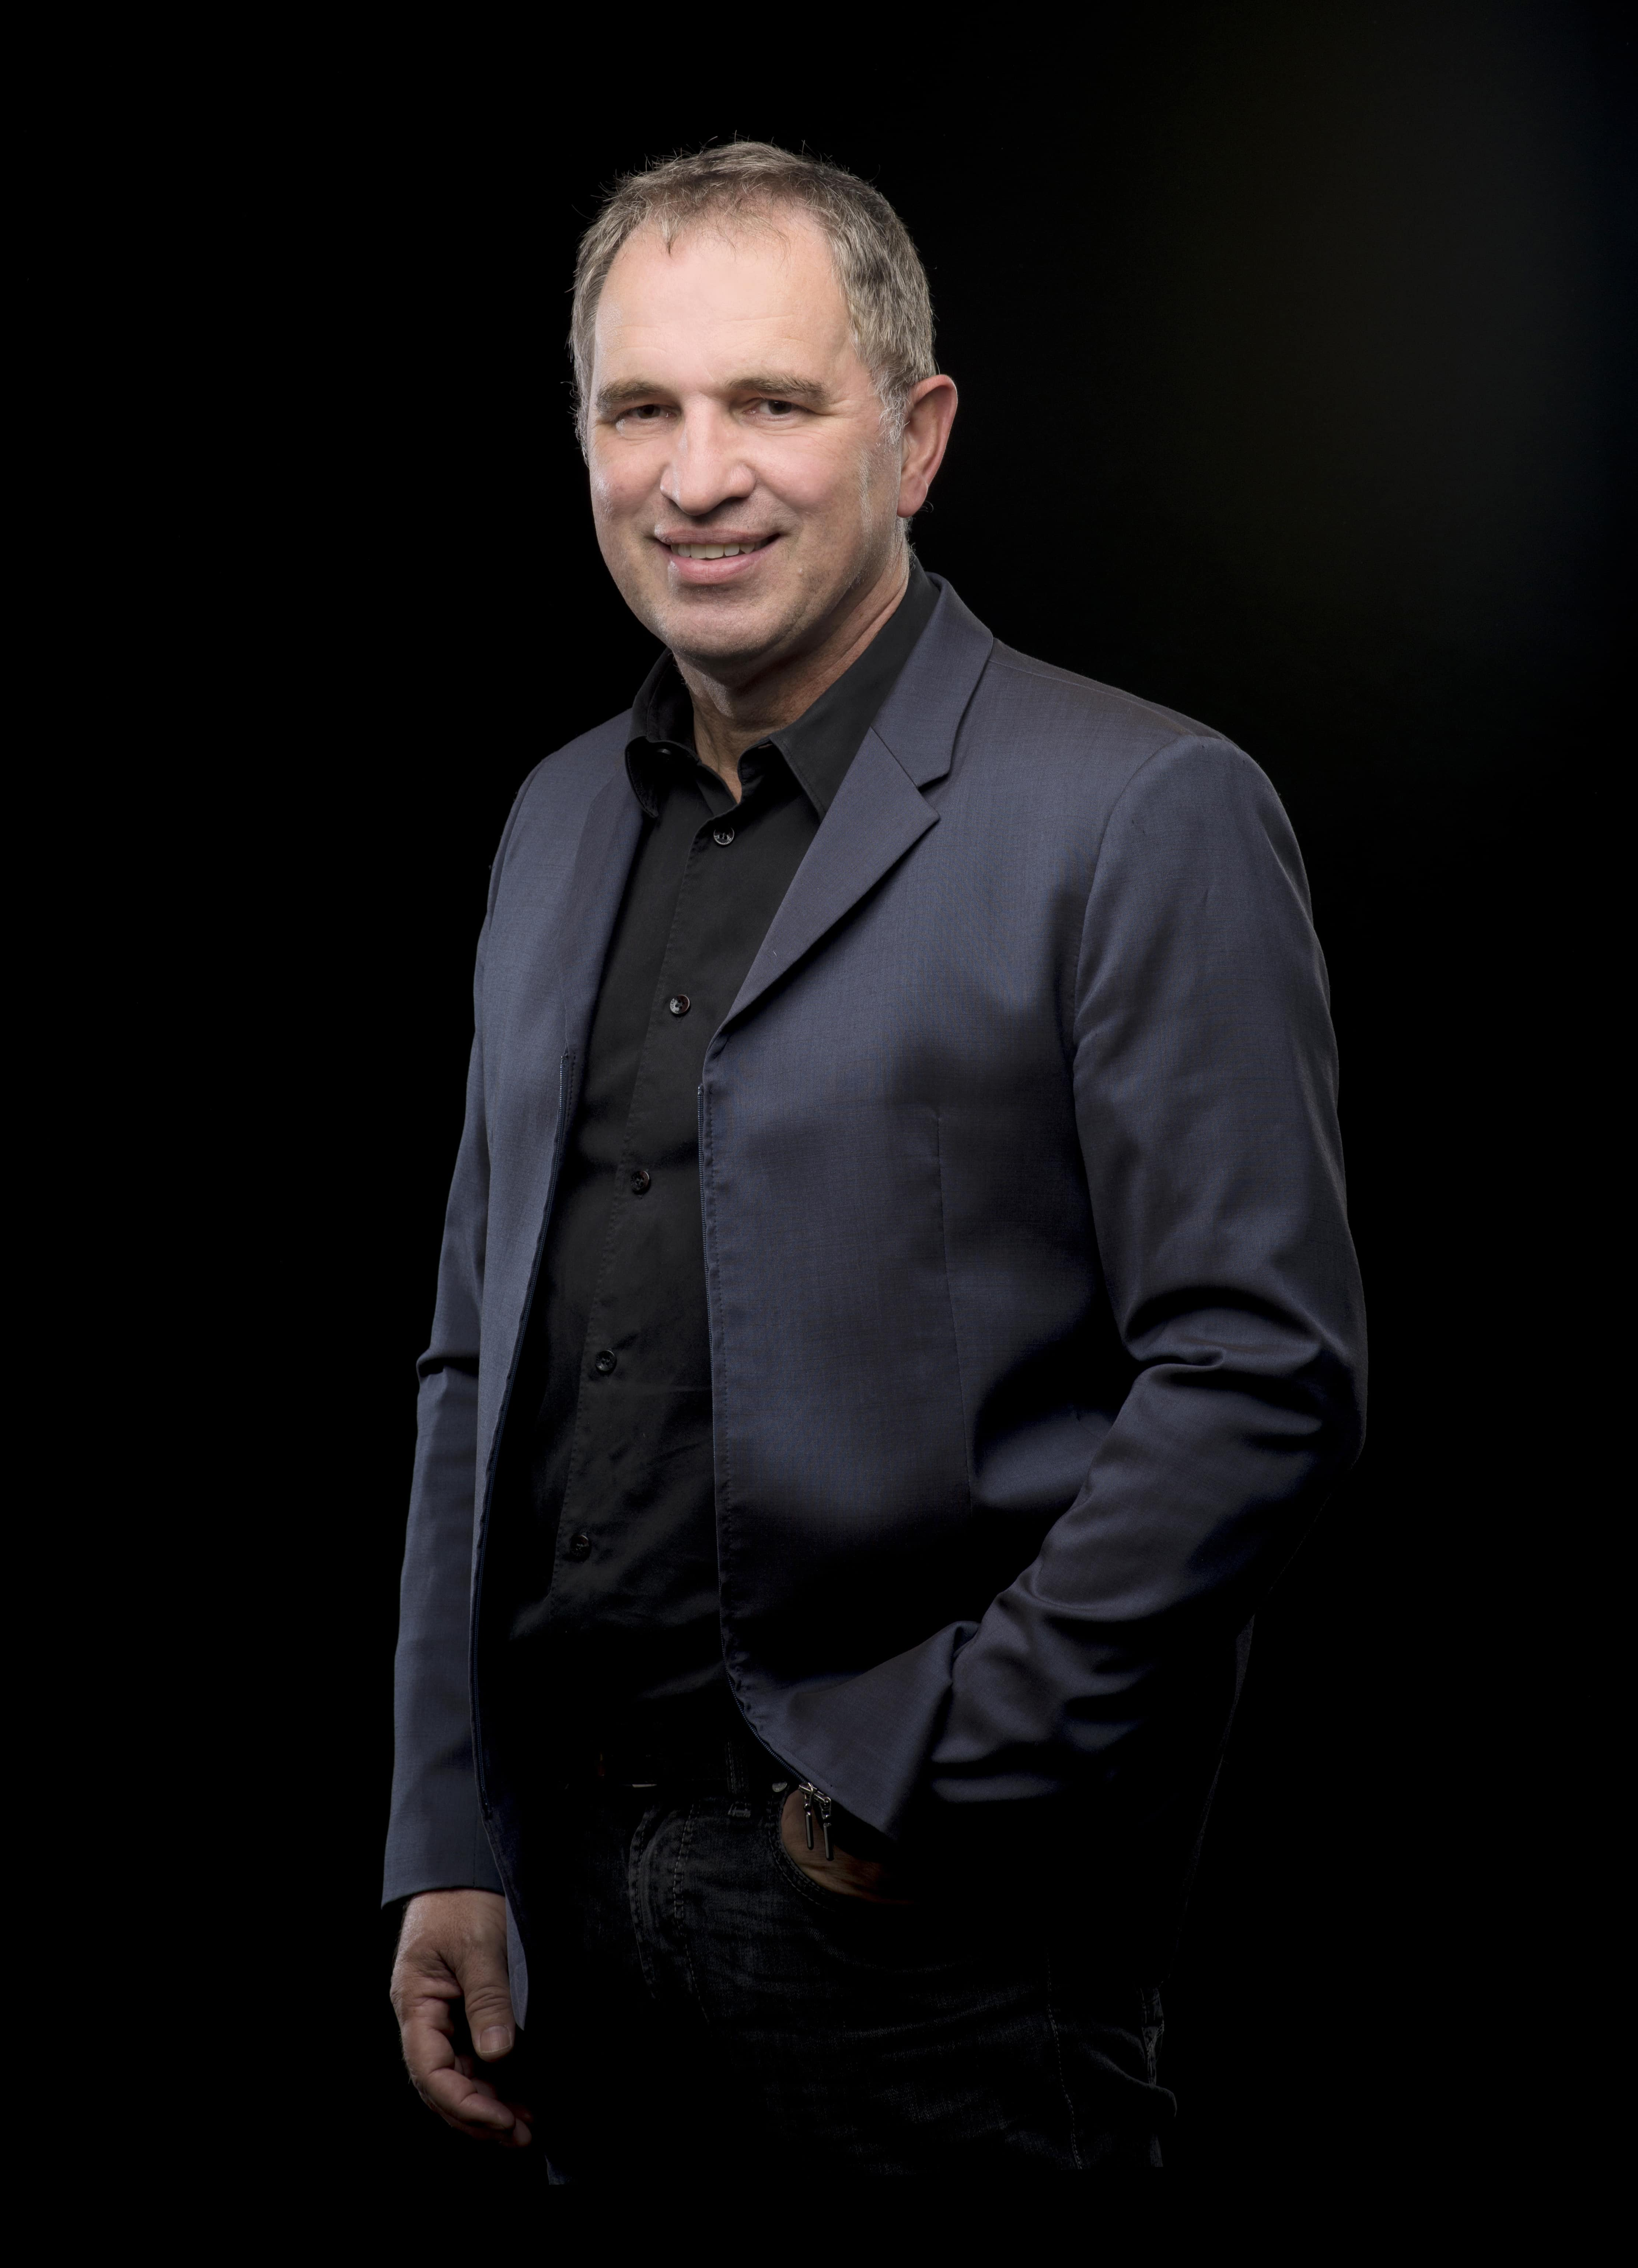 Johannes Rösgen